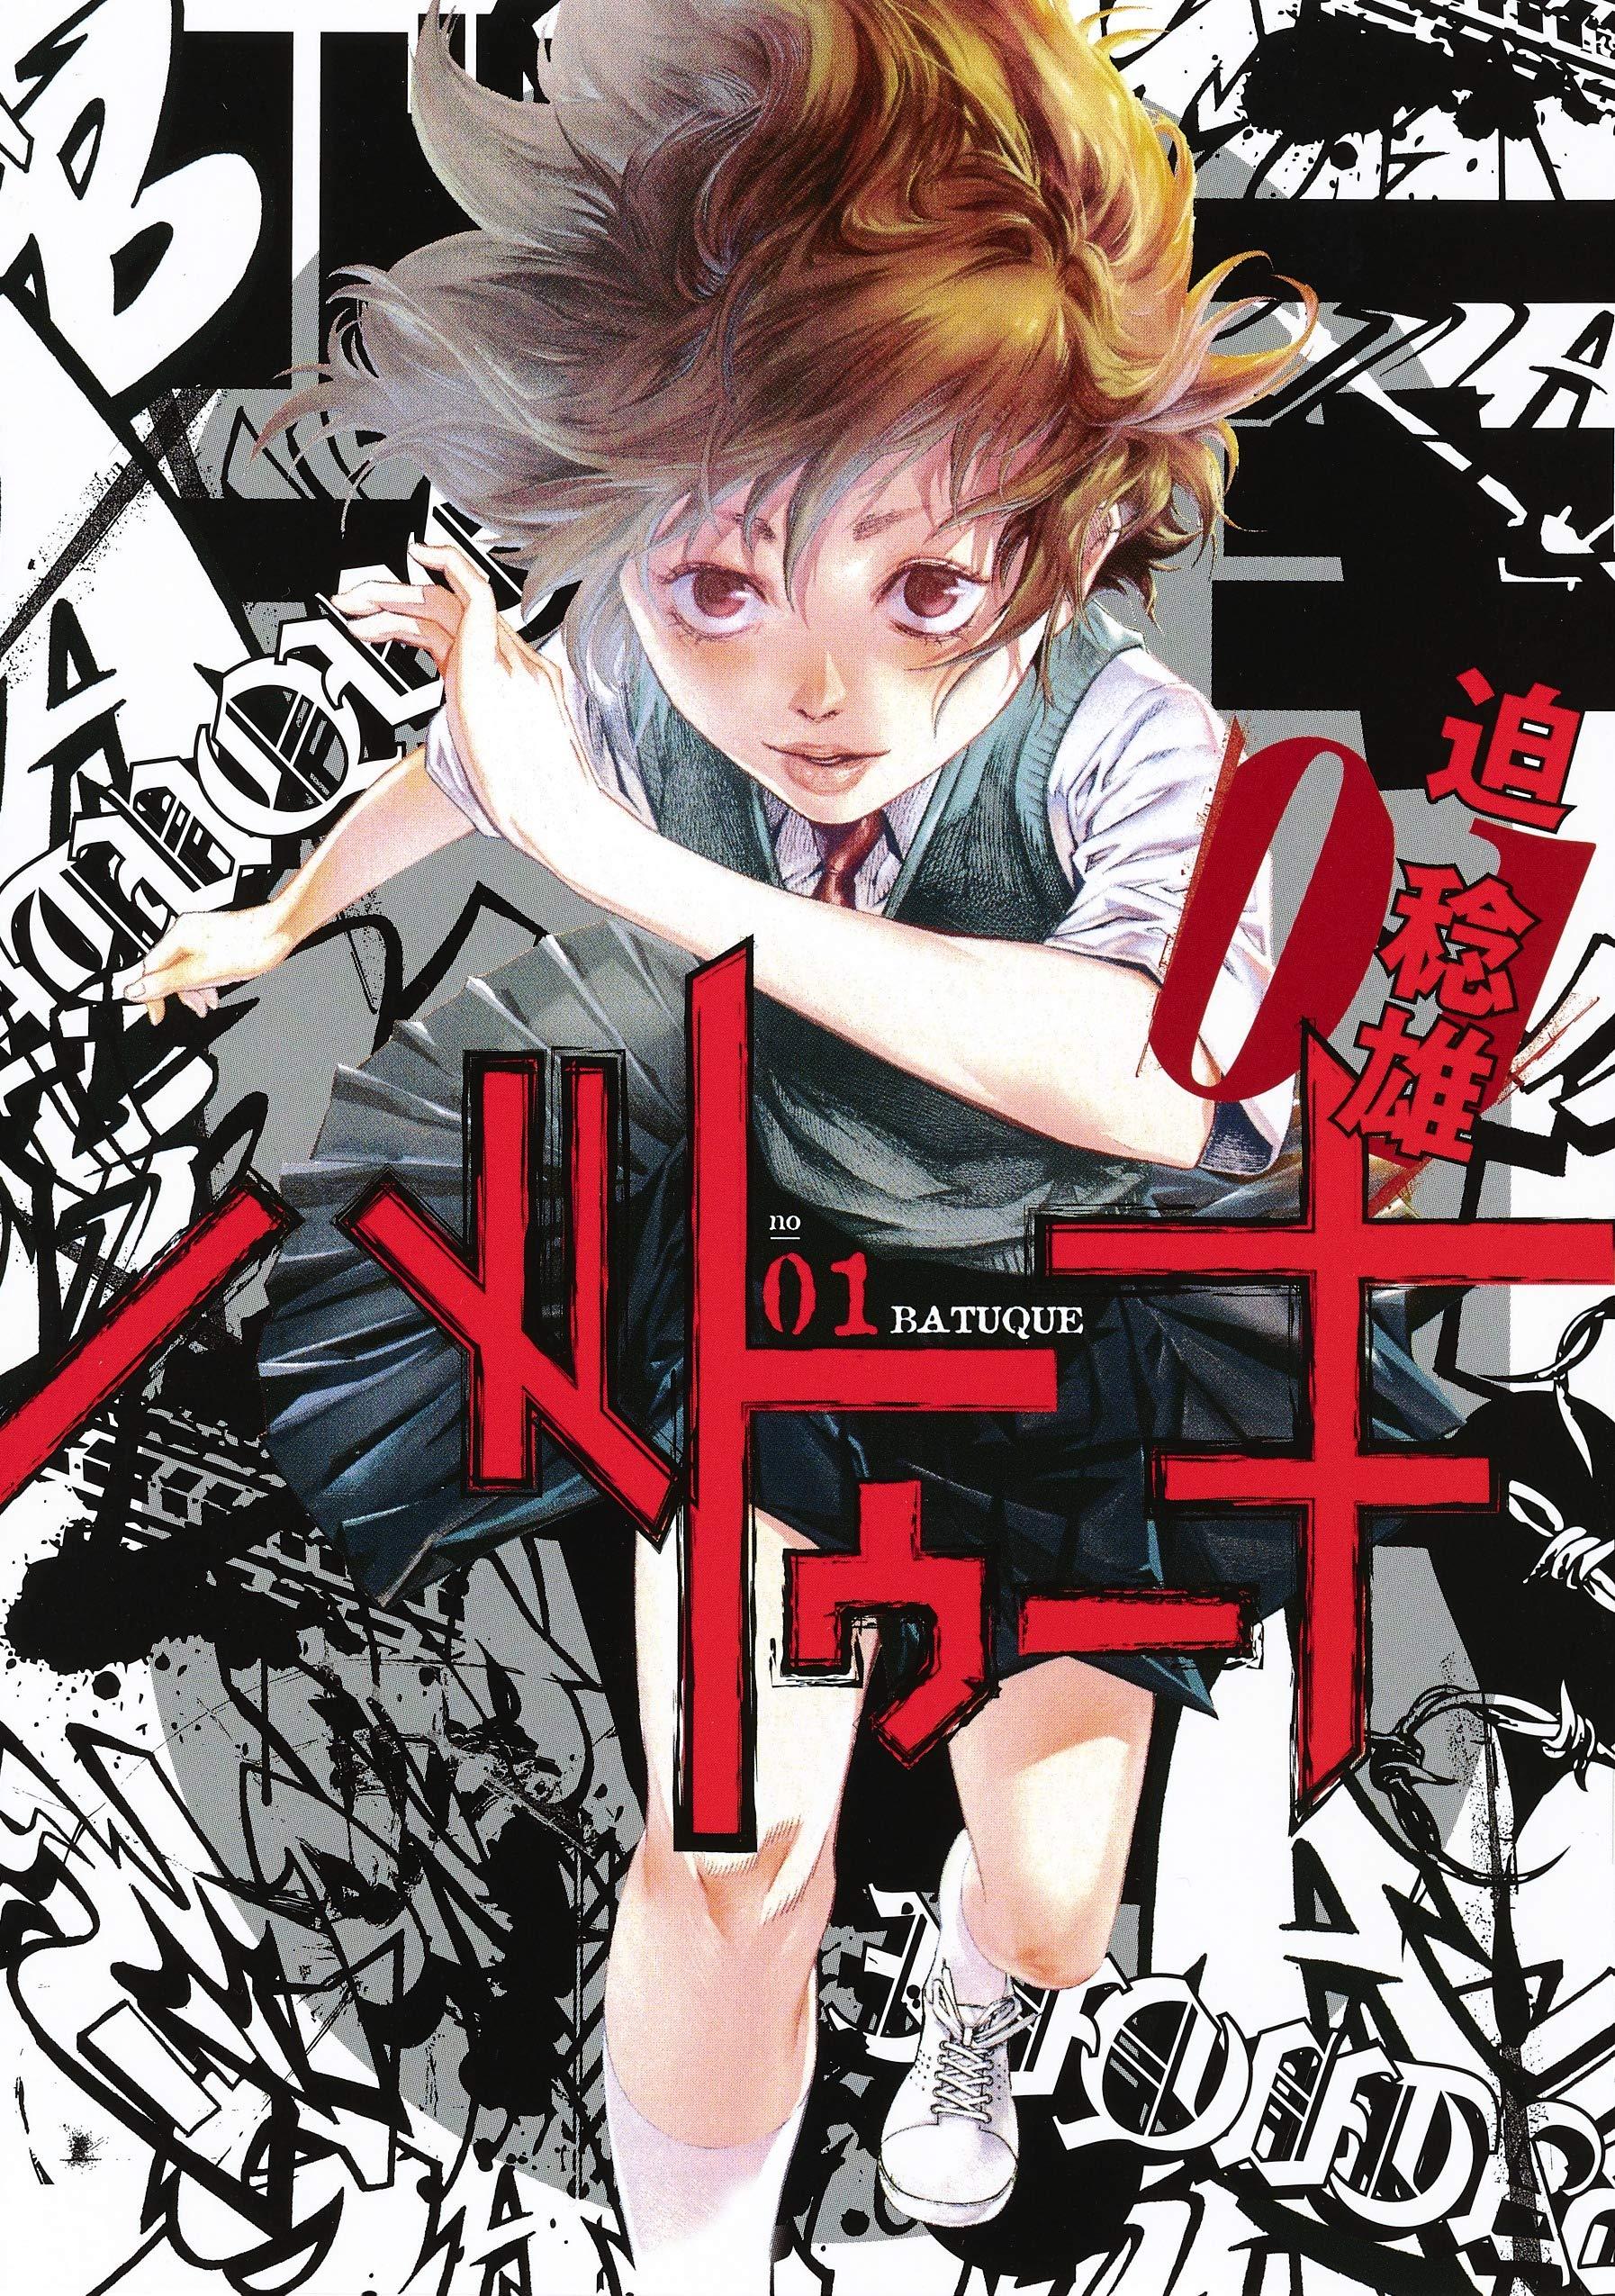 バトゥーキ 1 (ヤングジャンプコミックス) | 迫 稔雄 |本 | 通販 | Amazon